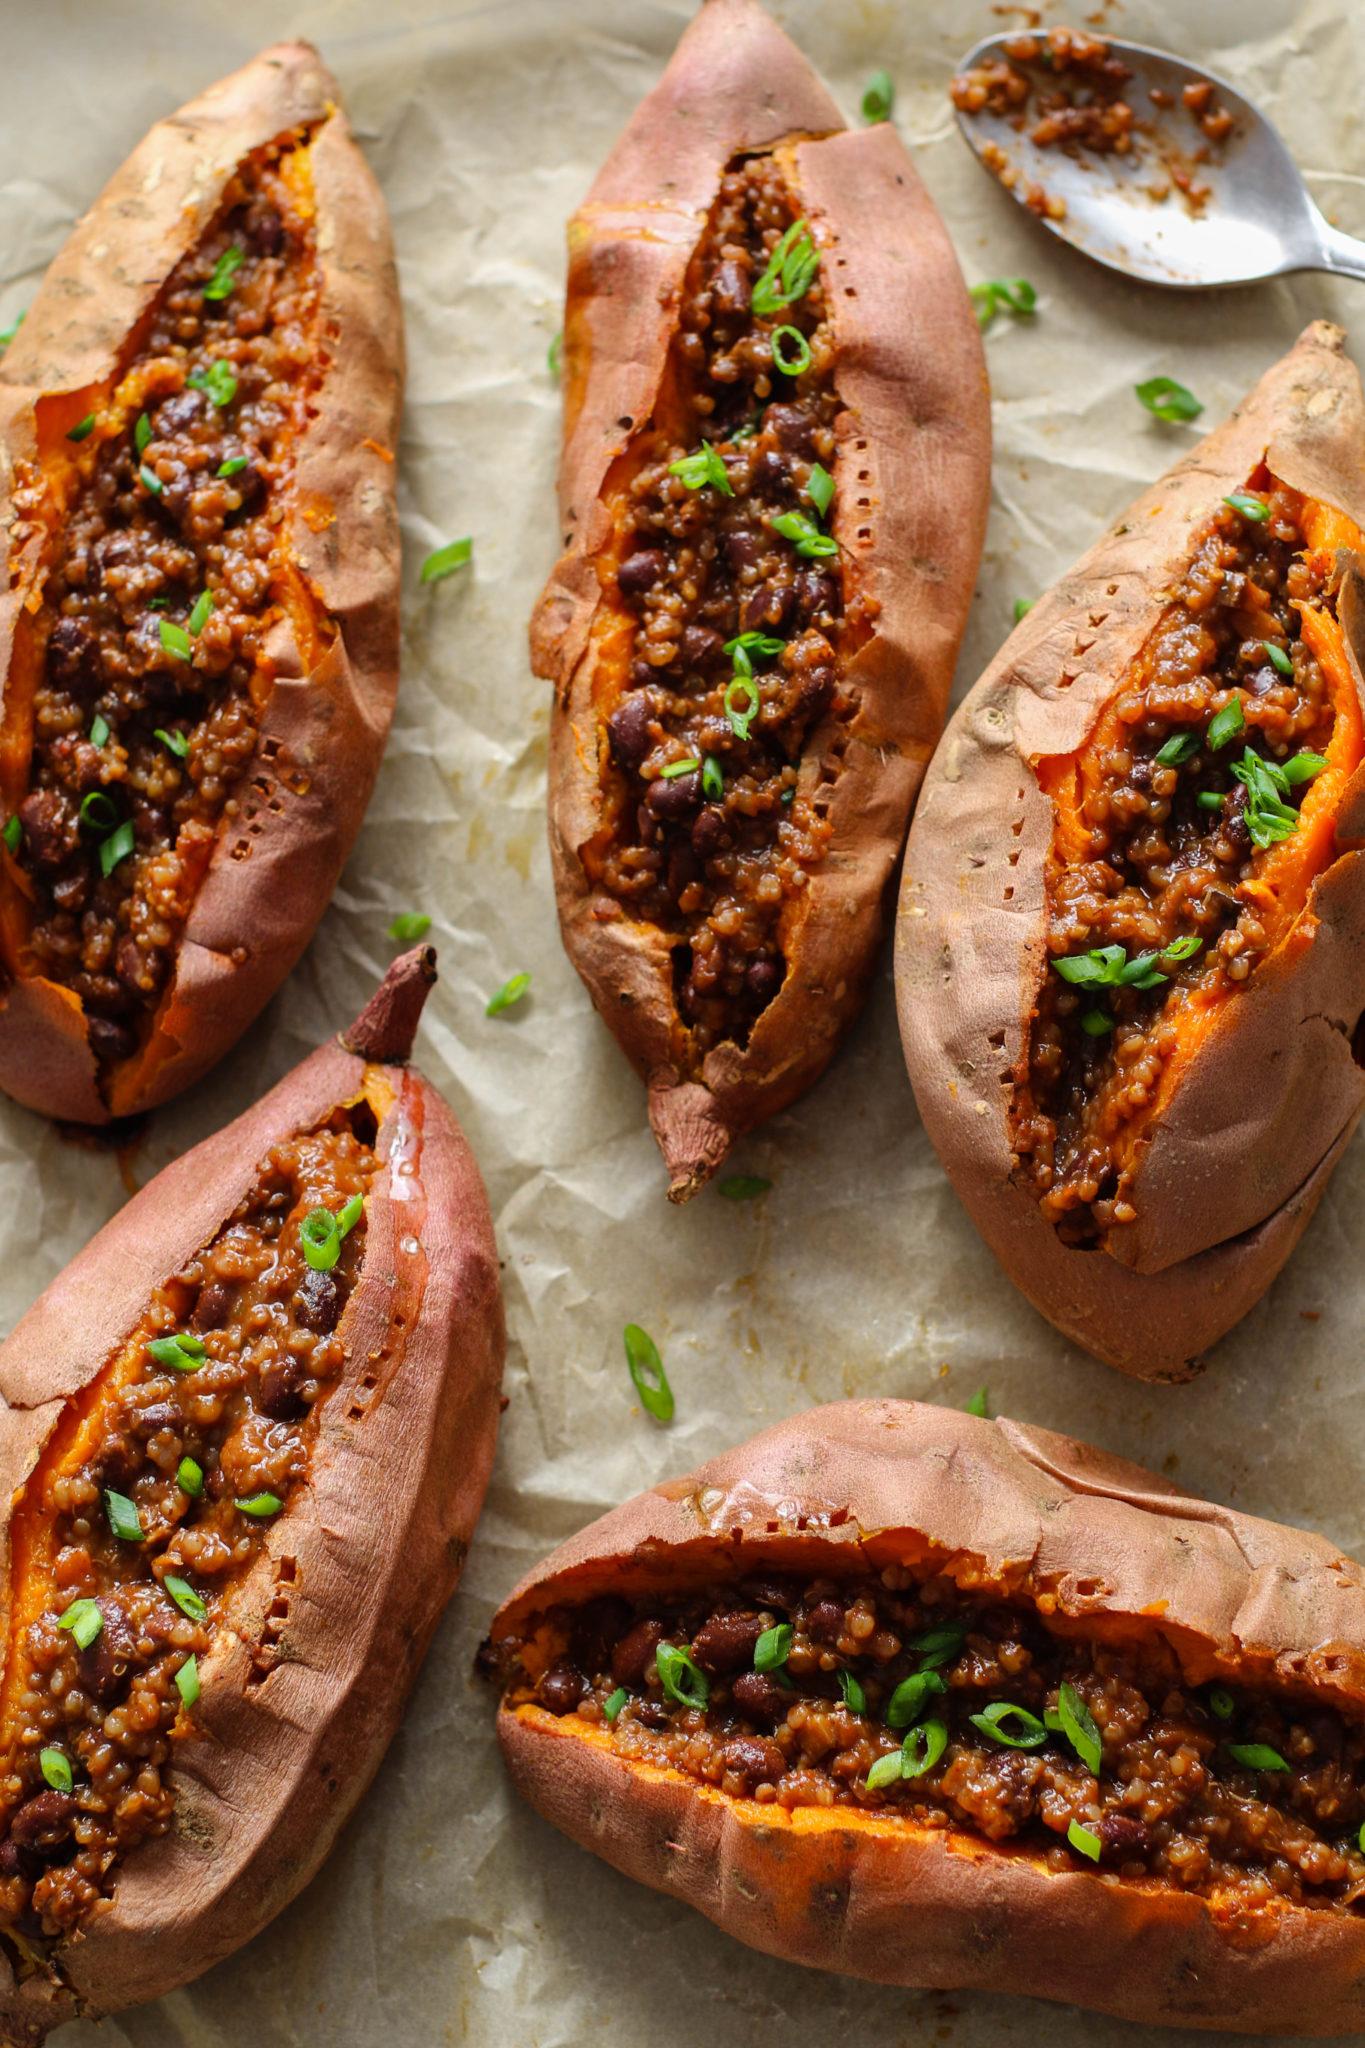 Chili Stuffed Sweet Potatoes by Flora & Vino